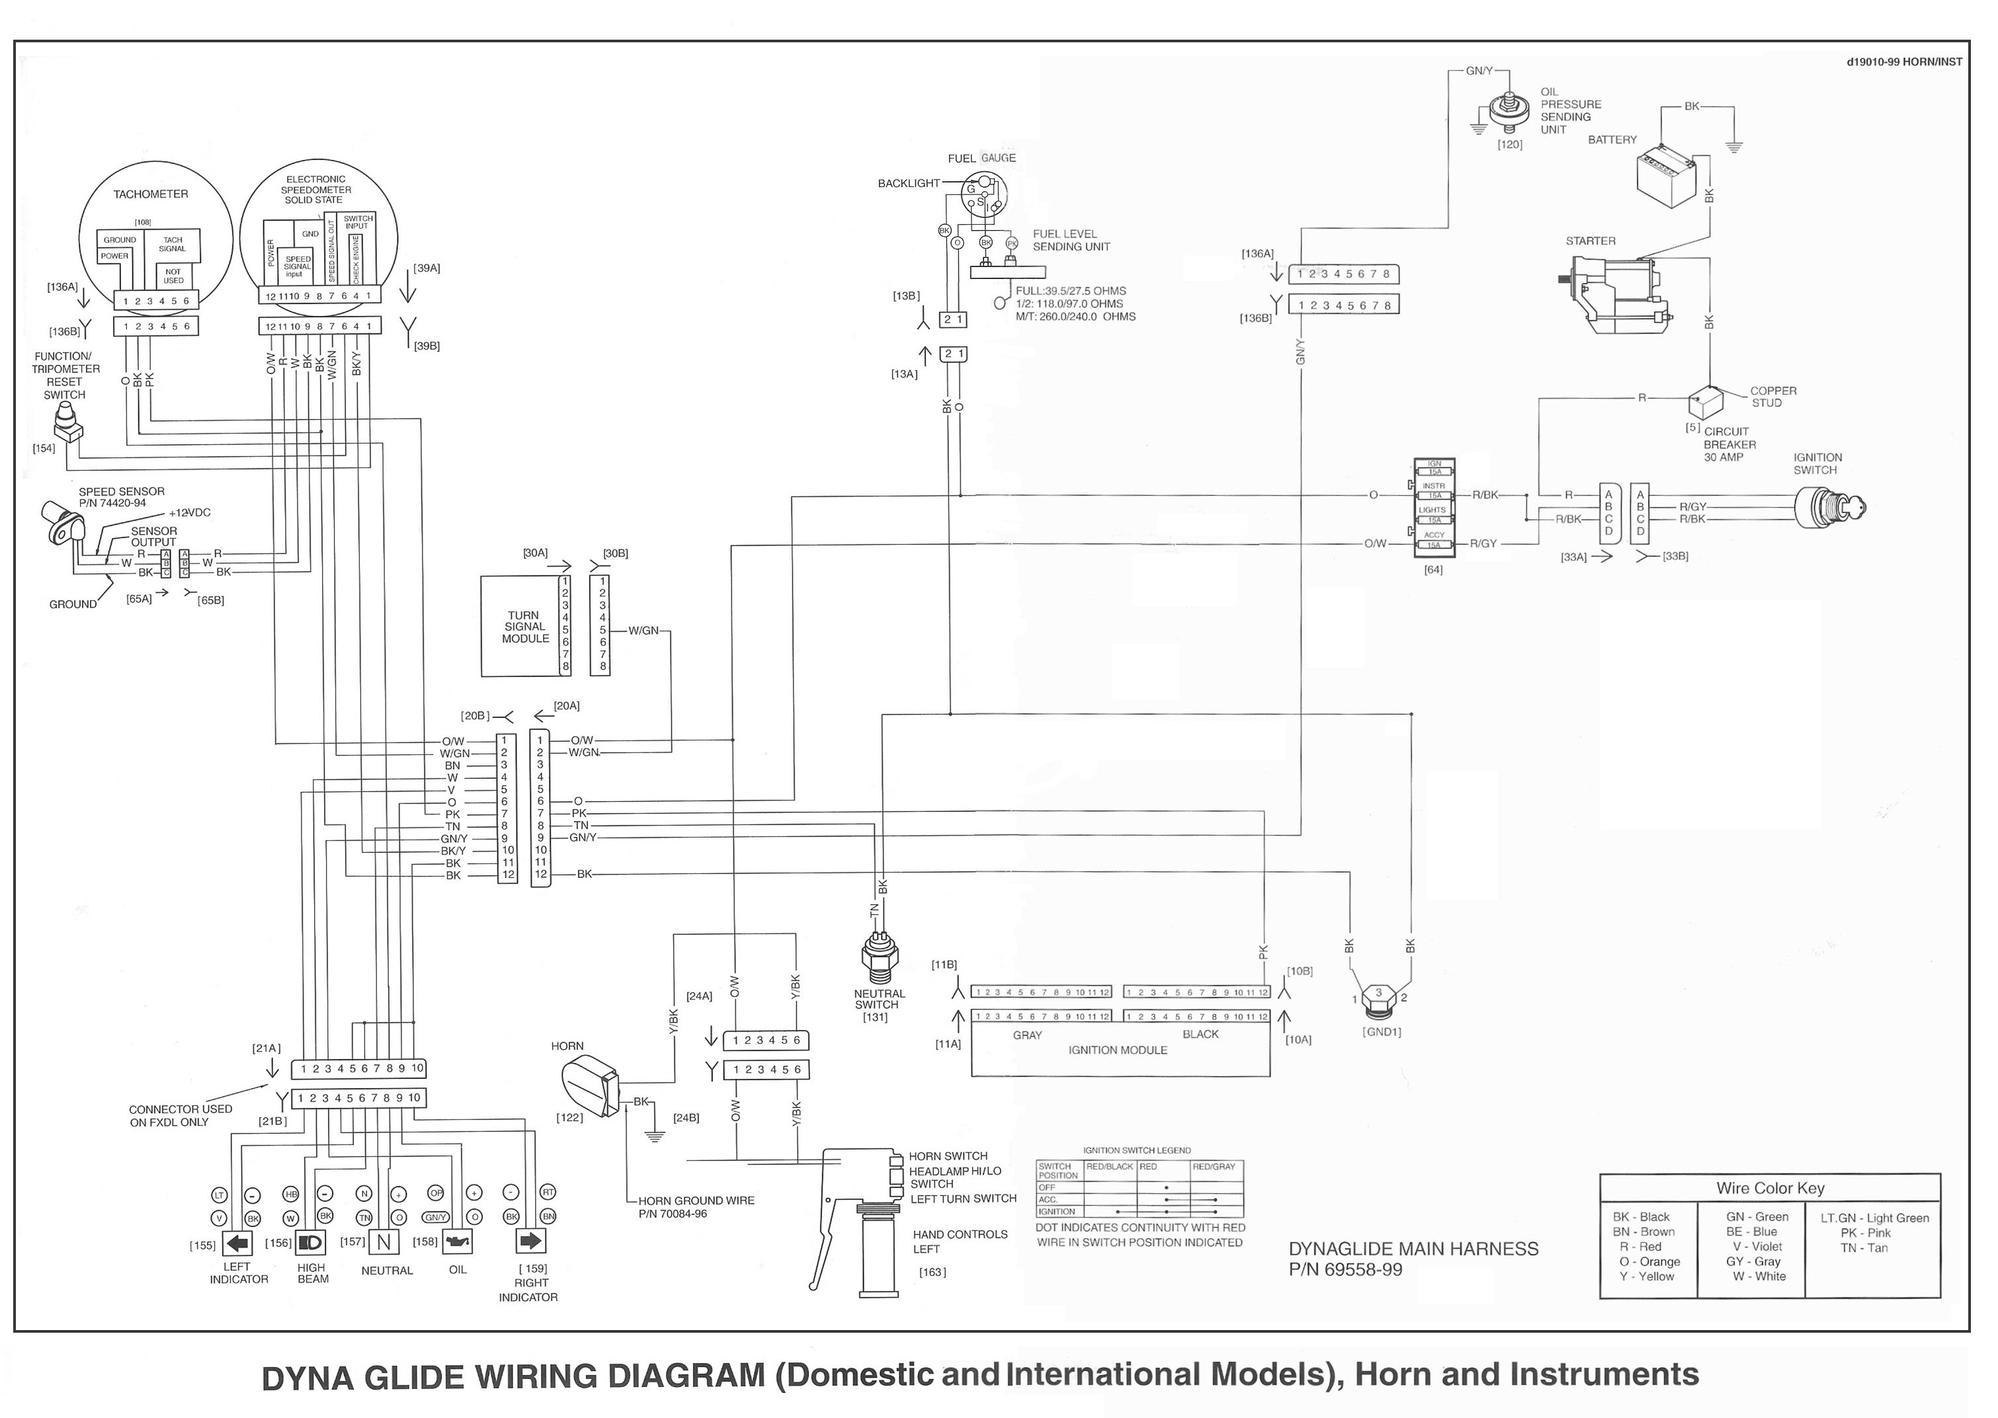 ... 80  1999_dyna_wiring_diagram_horn_and_instruments_ba48ada4475e5160967bcb4916ebb018df4aca76?resize\=665%2C472\&ssl\=1  2003 ultraglide 2003 Harley Davidson ...